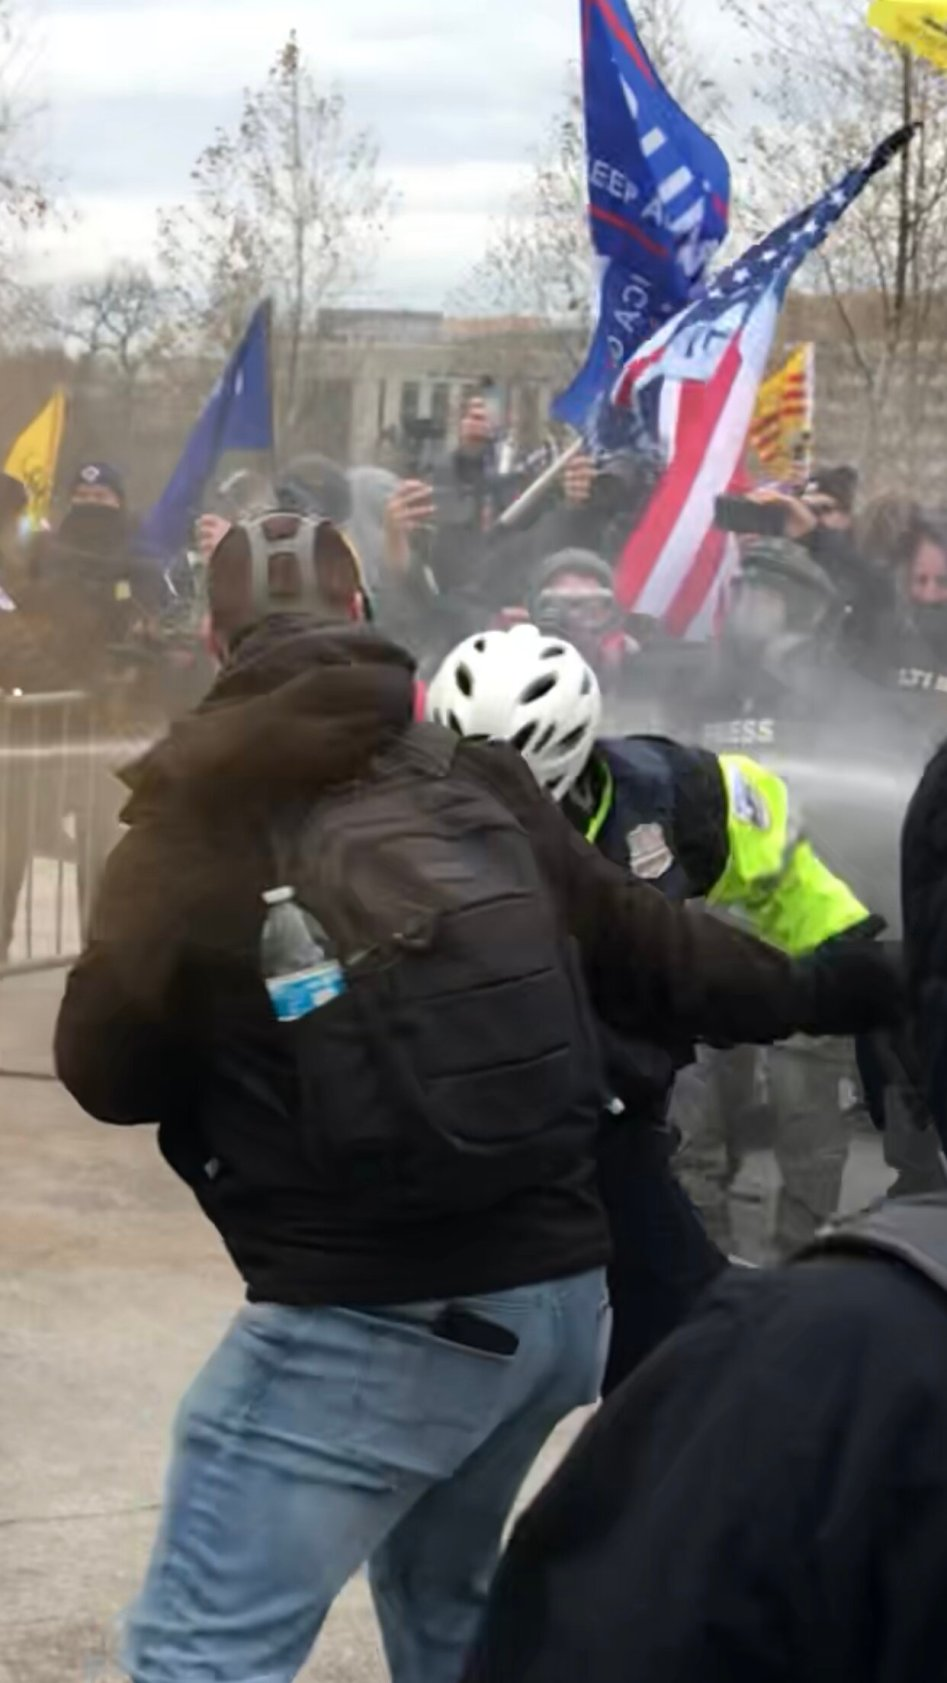 ANTIFA Press capturing assault on Officer